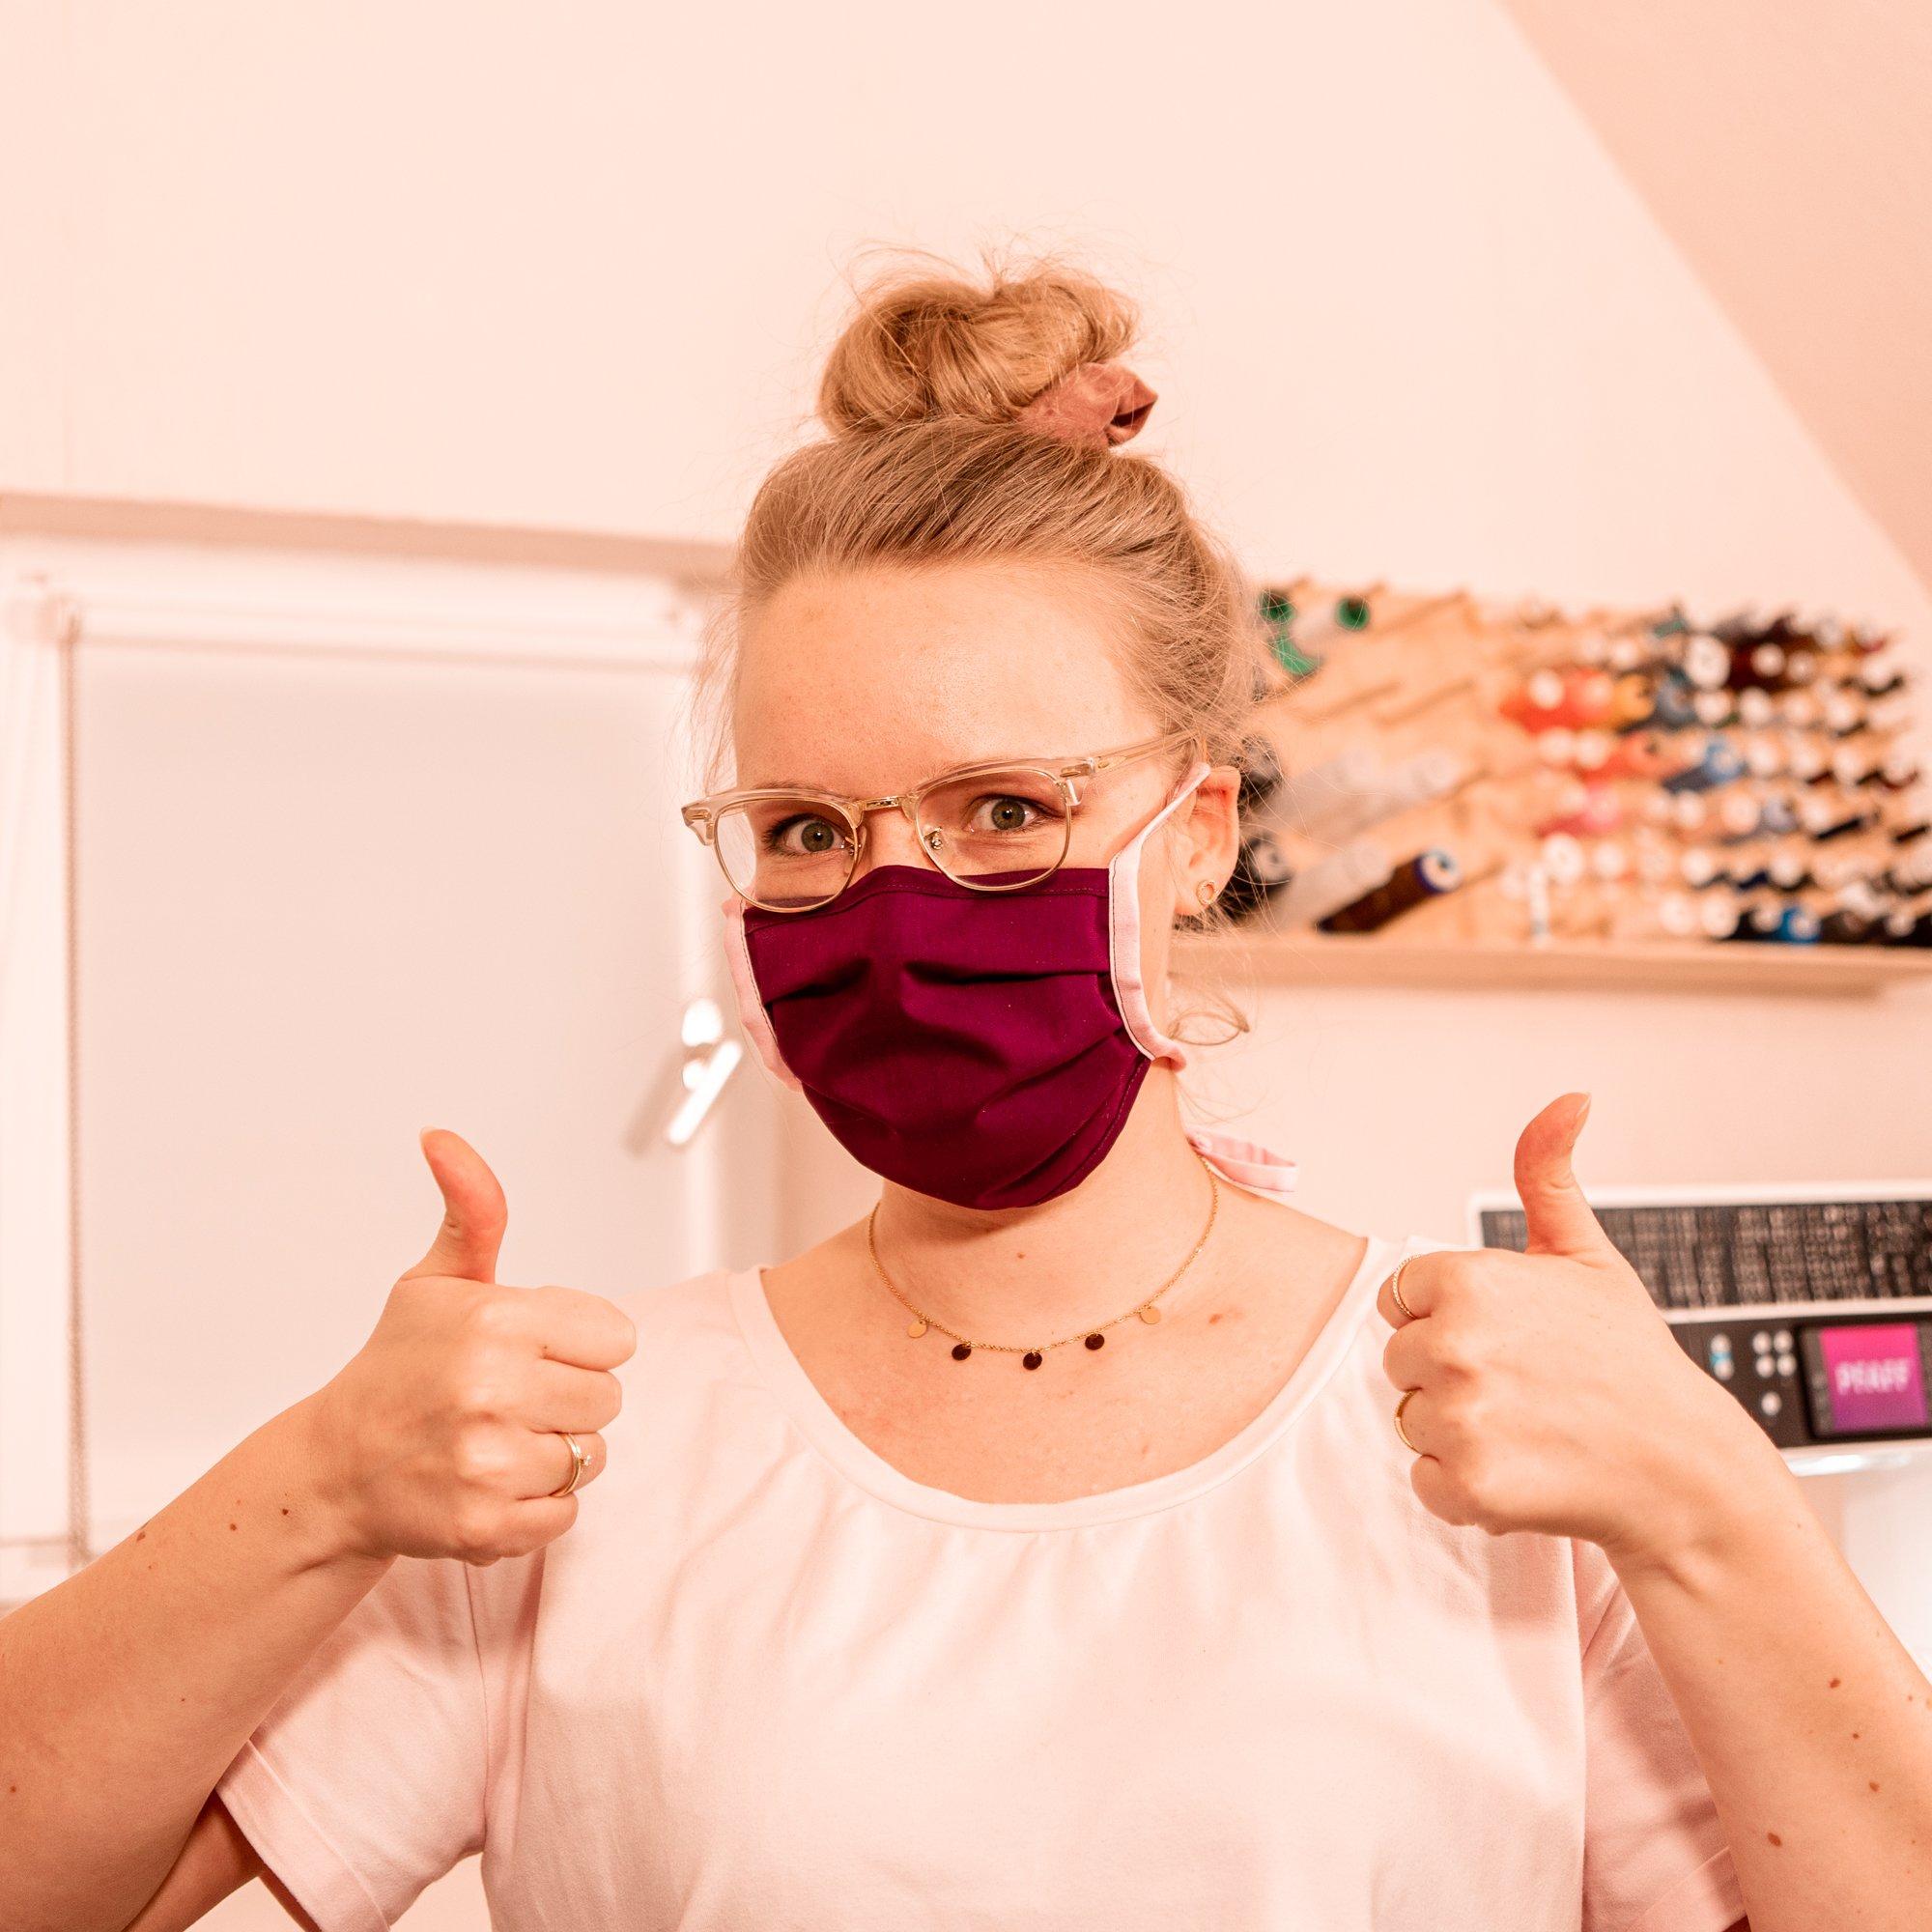 Behelfs Maske nähen schnell und einfach Tipps und Tricks